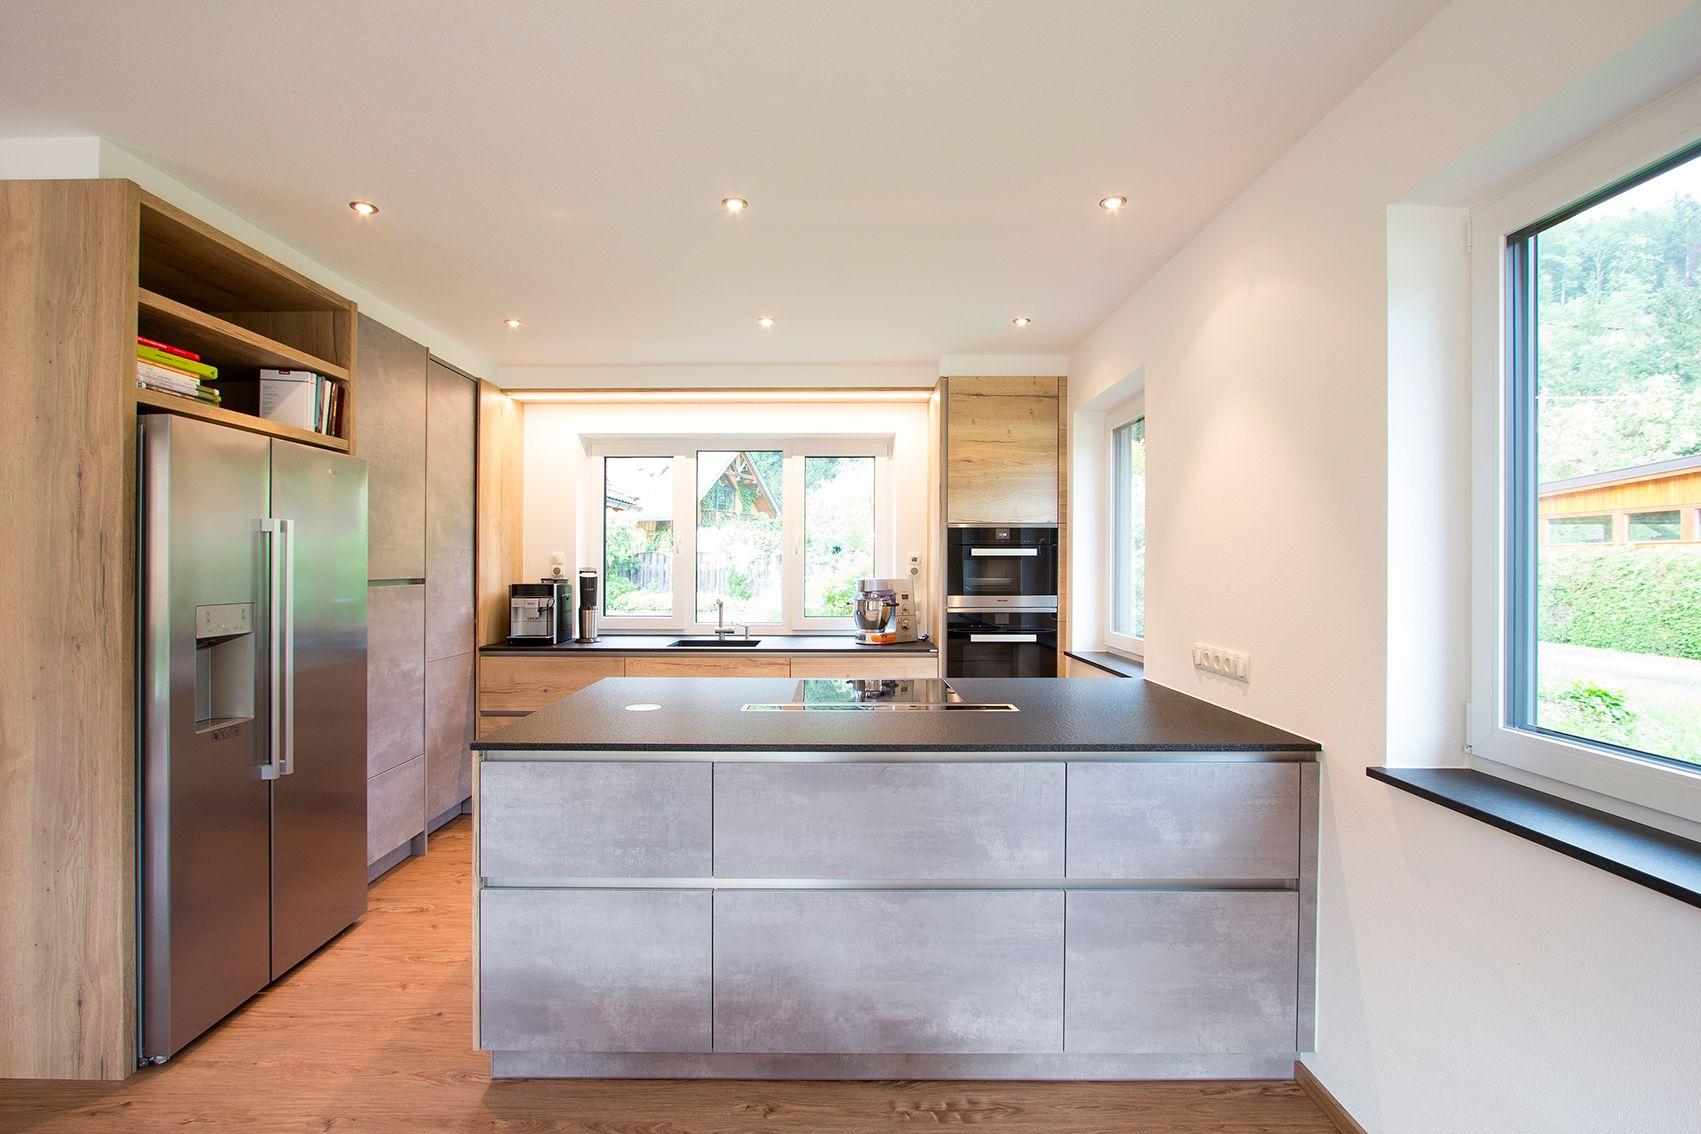 Küche im Beton-Look kombiniert mit Holz-Optik. Beton in der Küche